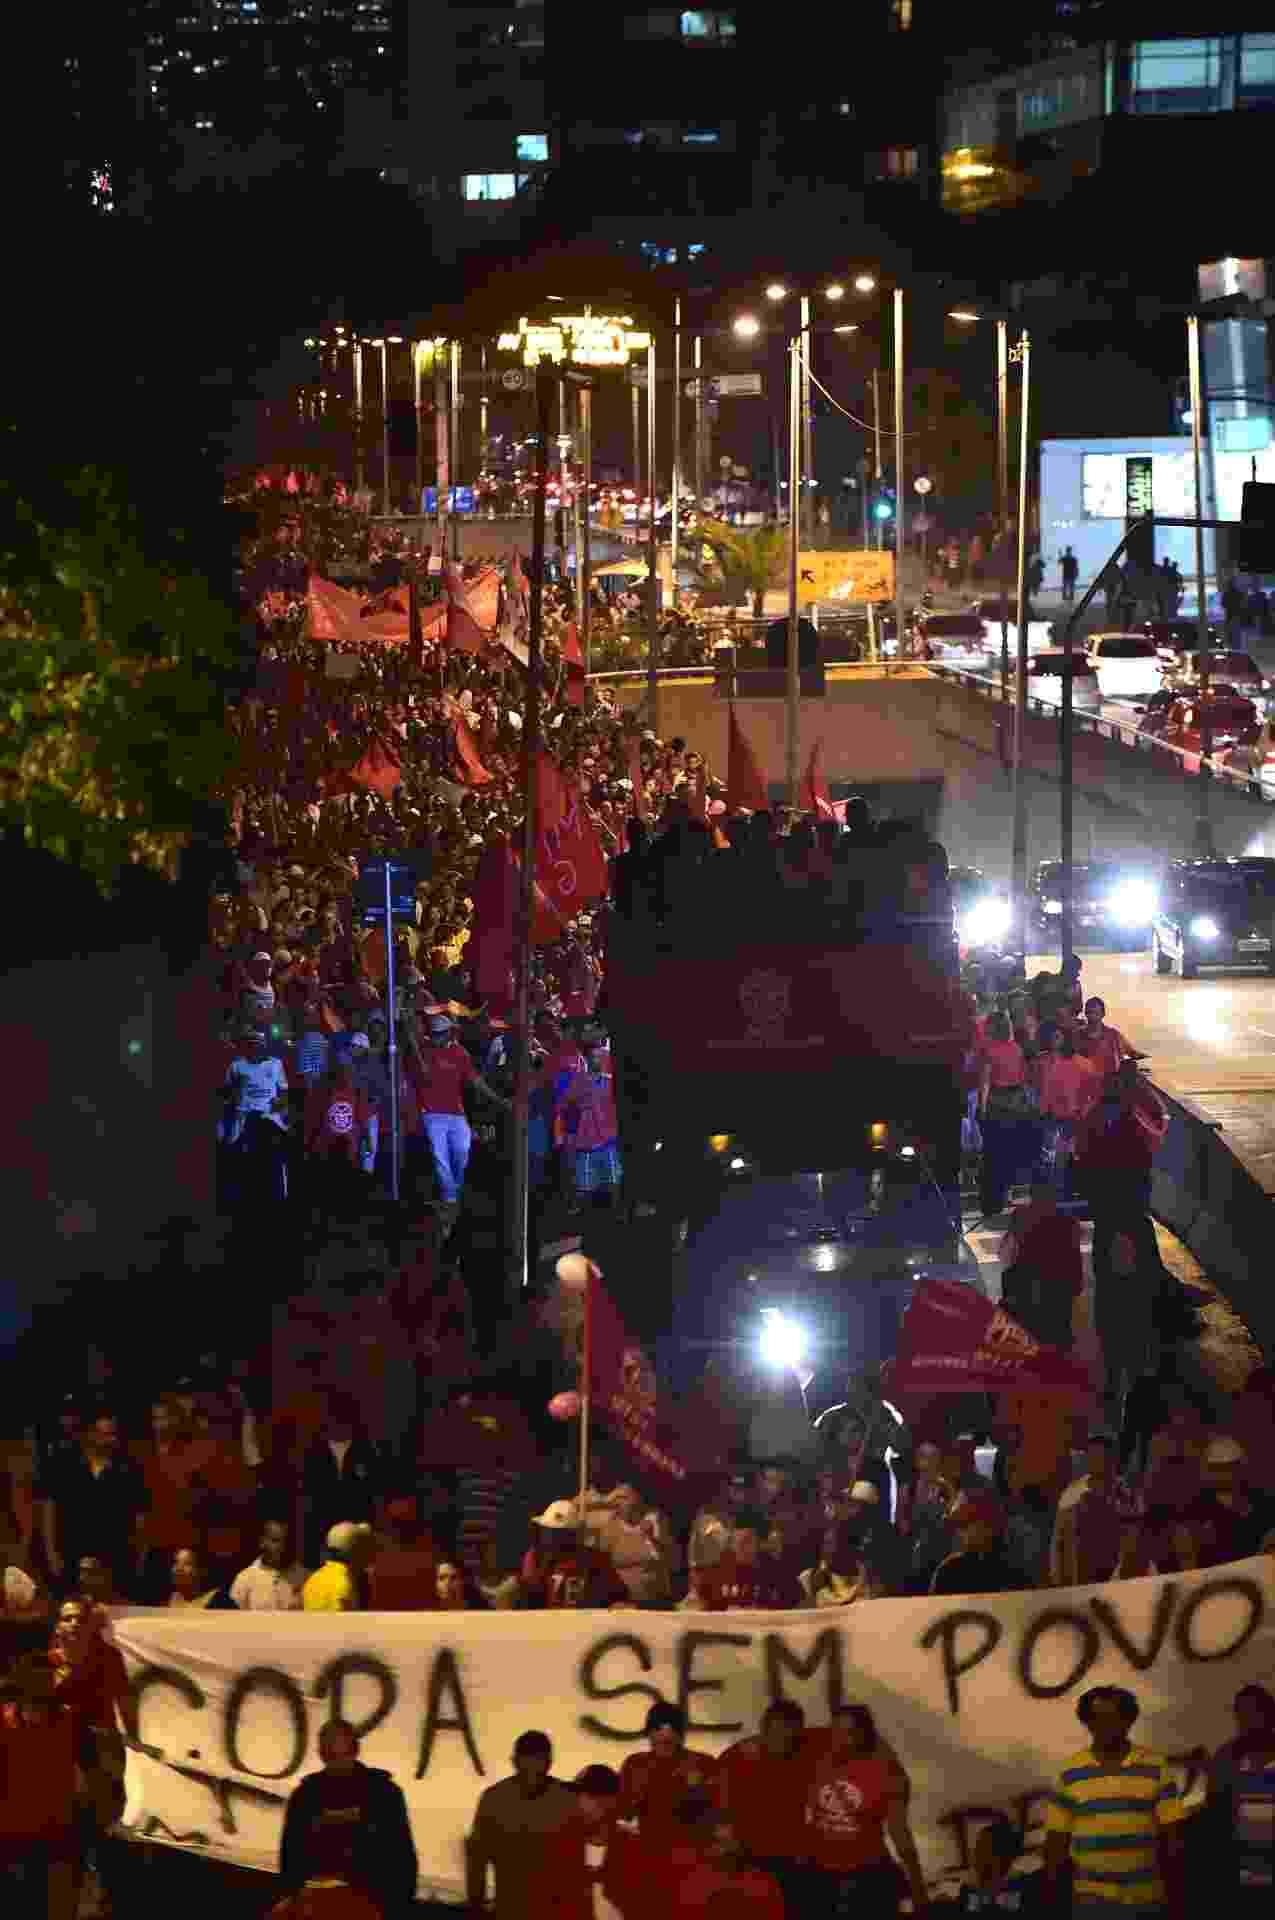 22.mai.2014 - Integrantes do MTST (Movimentos dos Trabalhadores Sem Teto) passam pela avenida Cidade Jardim, no Itaim Bibi, na zona oeste de São Paulo, durante protesto contra a Copa do Mundo e outras questões, no início da noite desta quinta-feira (22), em Pinheiros, zona oeste de São Paulo - Nelson Almeida/AFP